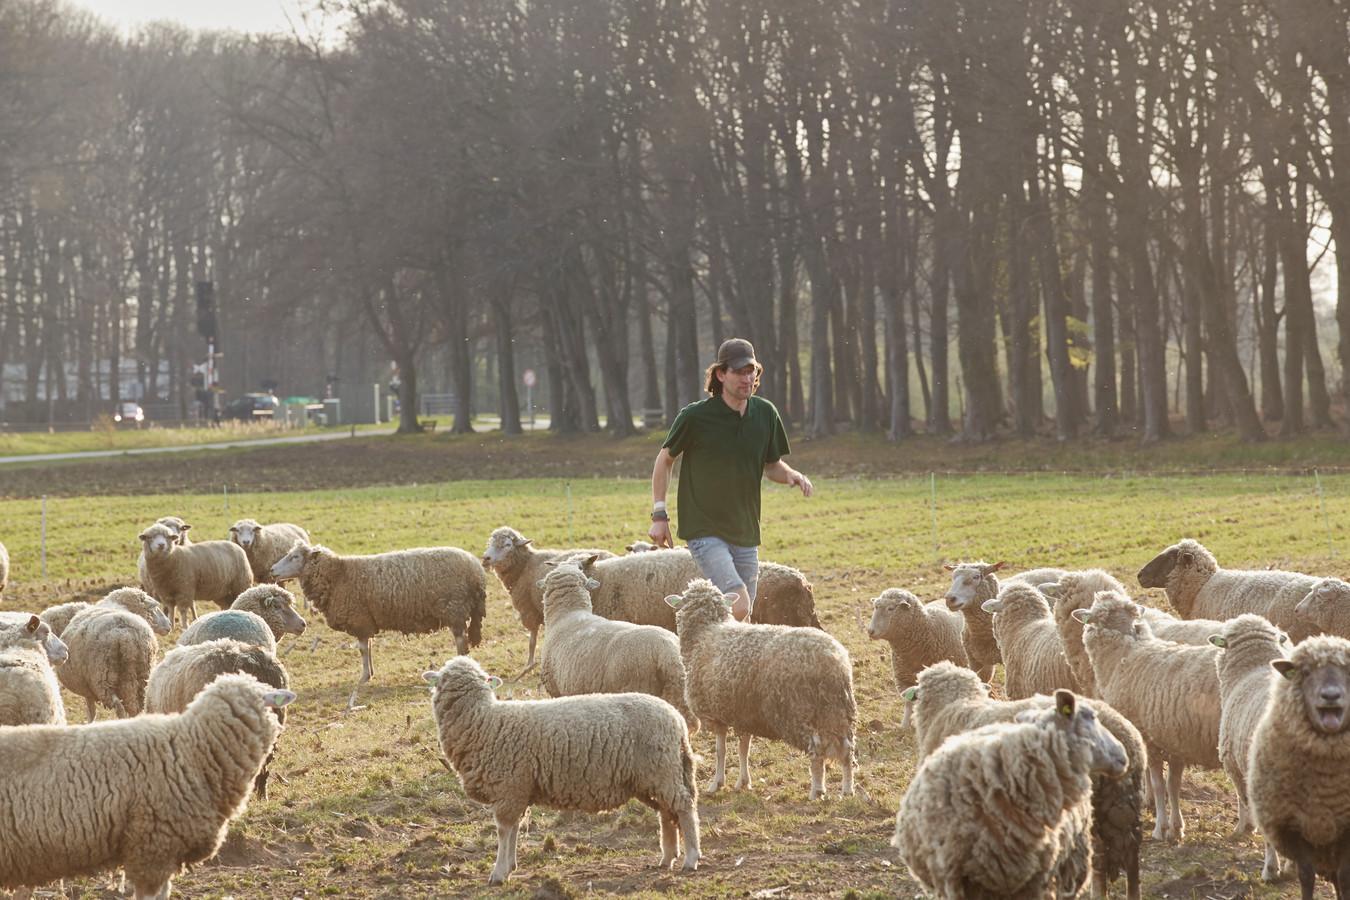 Schaapsherder Herbert Nijkamp tussen zijn schapen in Eefde. Vanaf eind april grazen zijn schapen door de woonwijken in Zutphen.